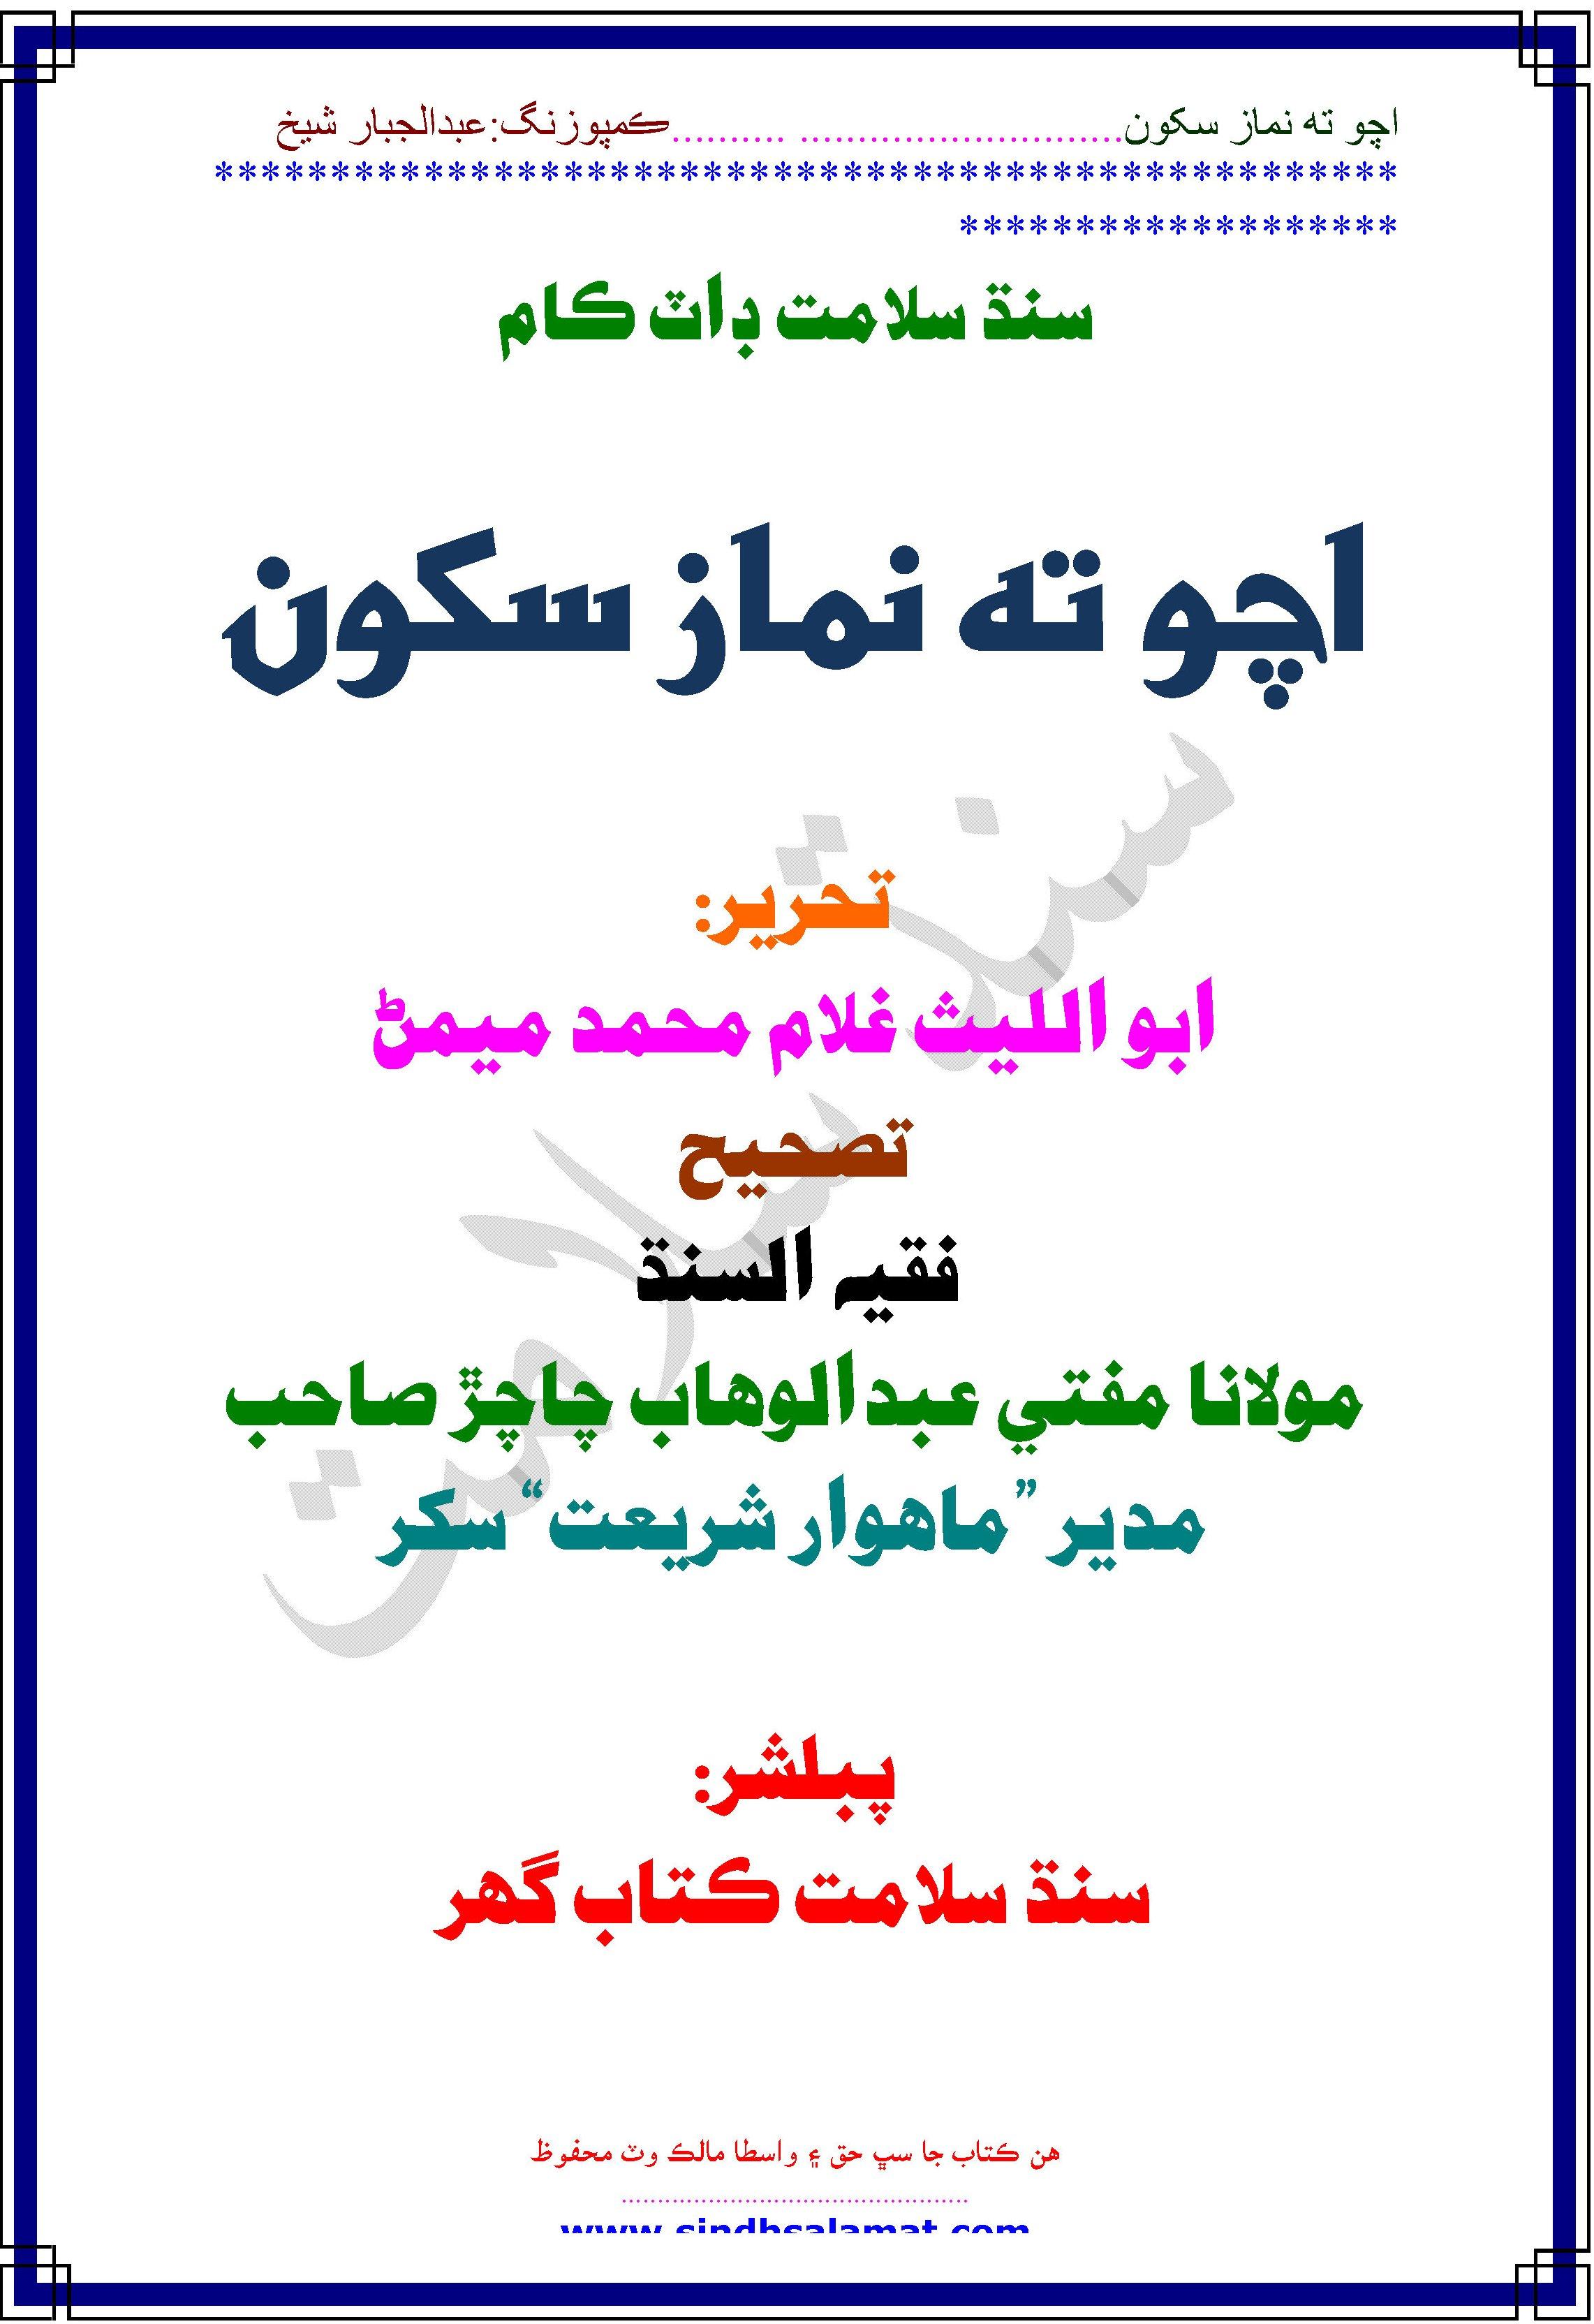 اچو ته نماز سکون, ليکڪ : غلام محمد ميمڻ